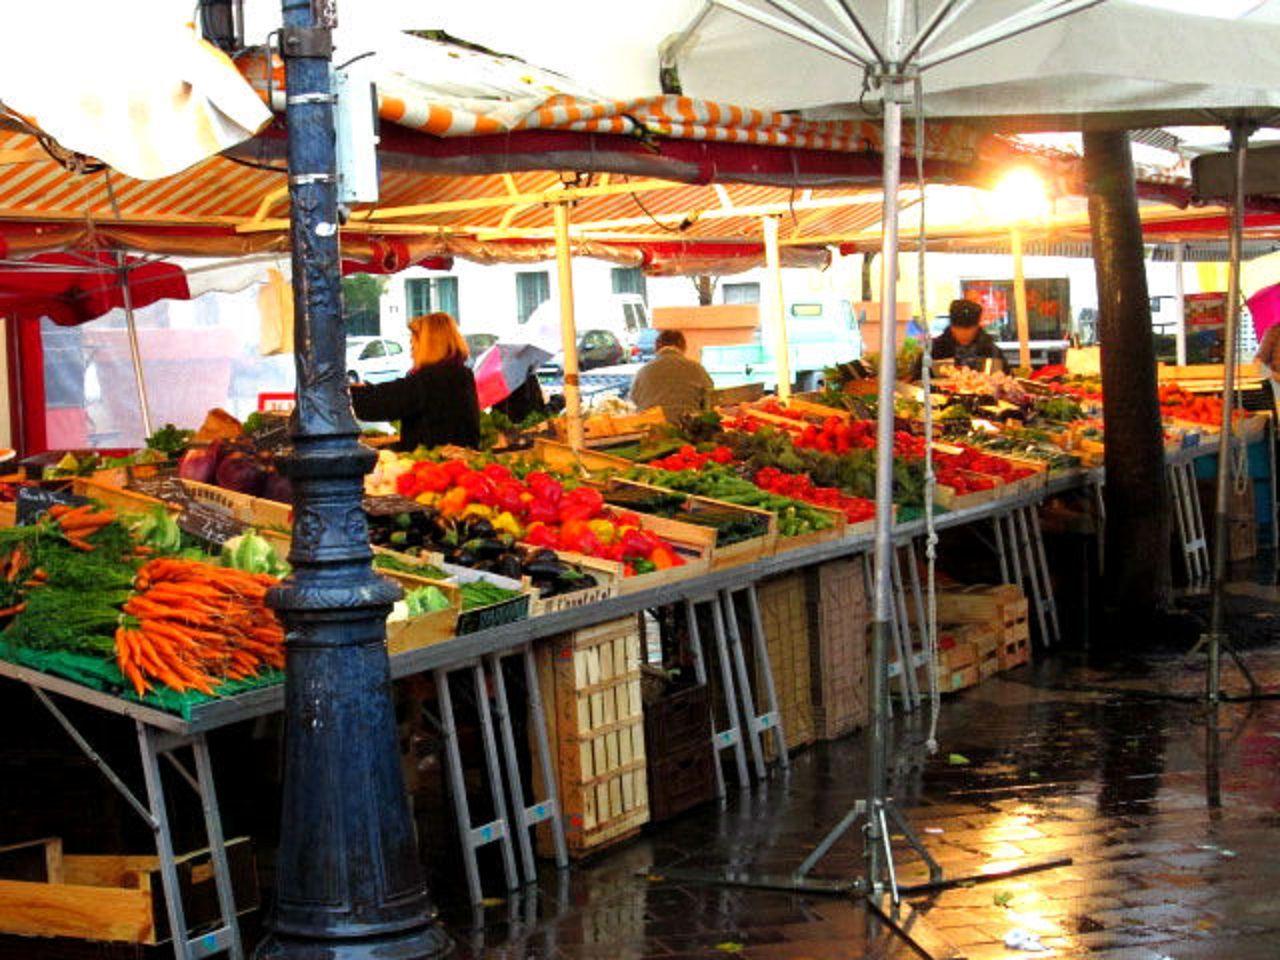 地元民にも愛される「ニースの台所」サレヤ市場